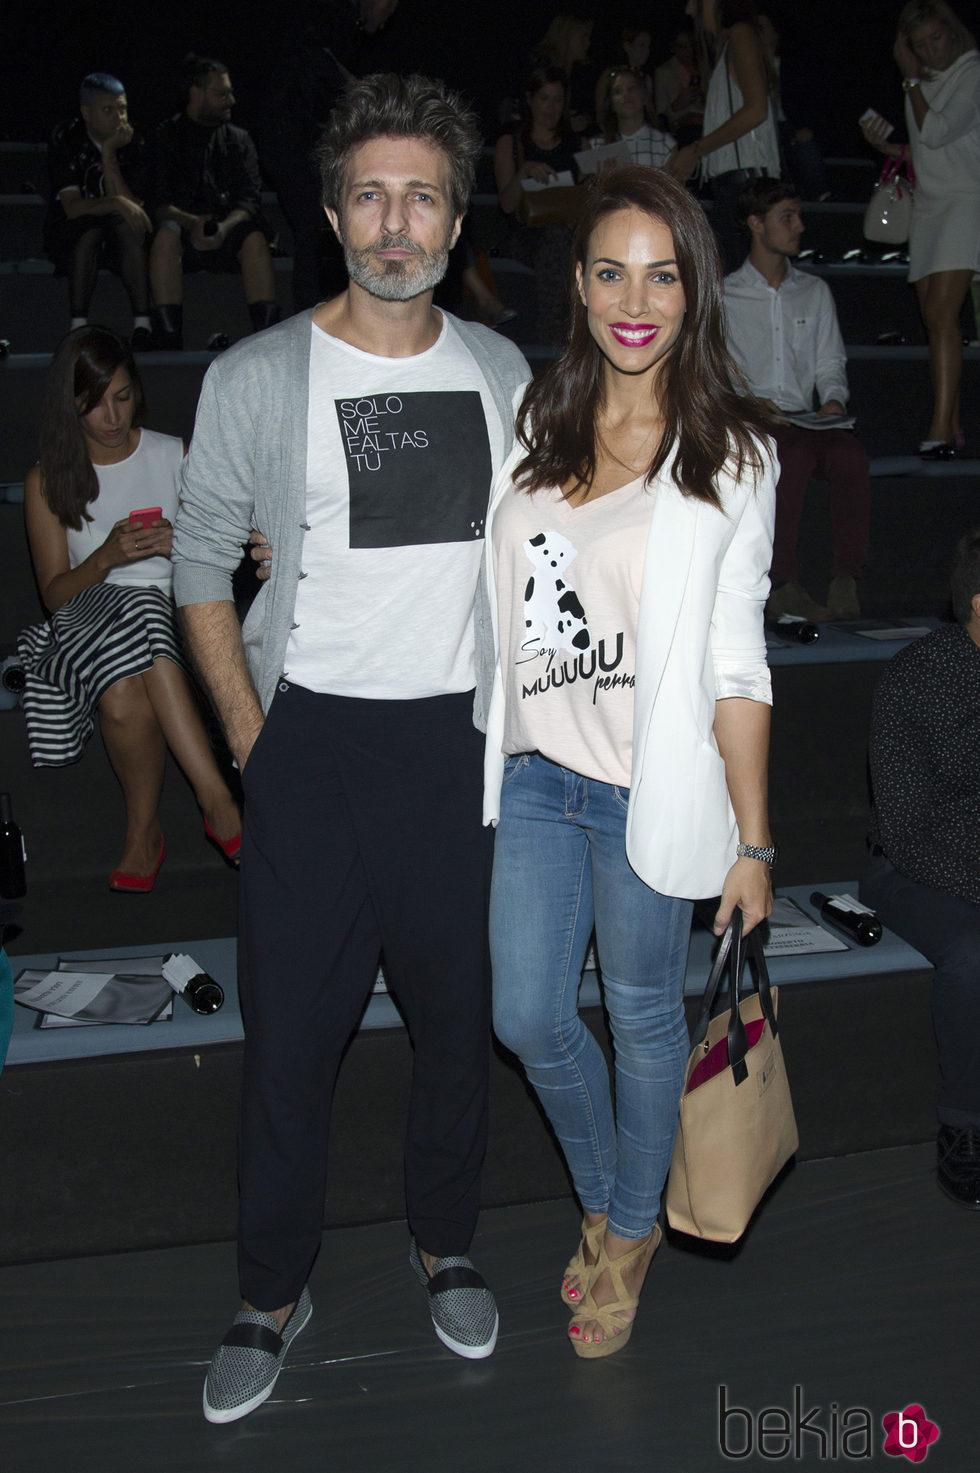 Jesús Olmedo y Nerea Garmendia en el front row de Amaya Arzuaga en Madrid Fashion Week primavera/verano 2015